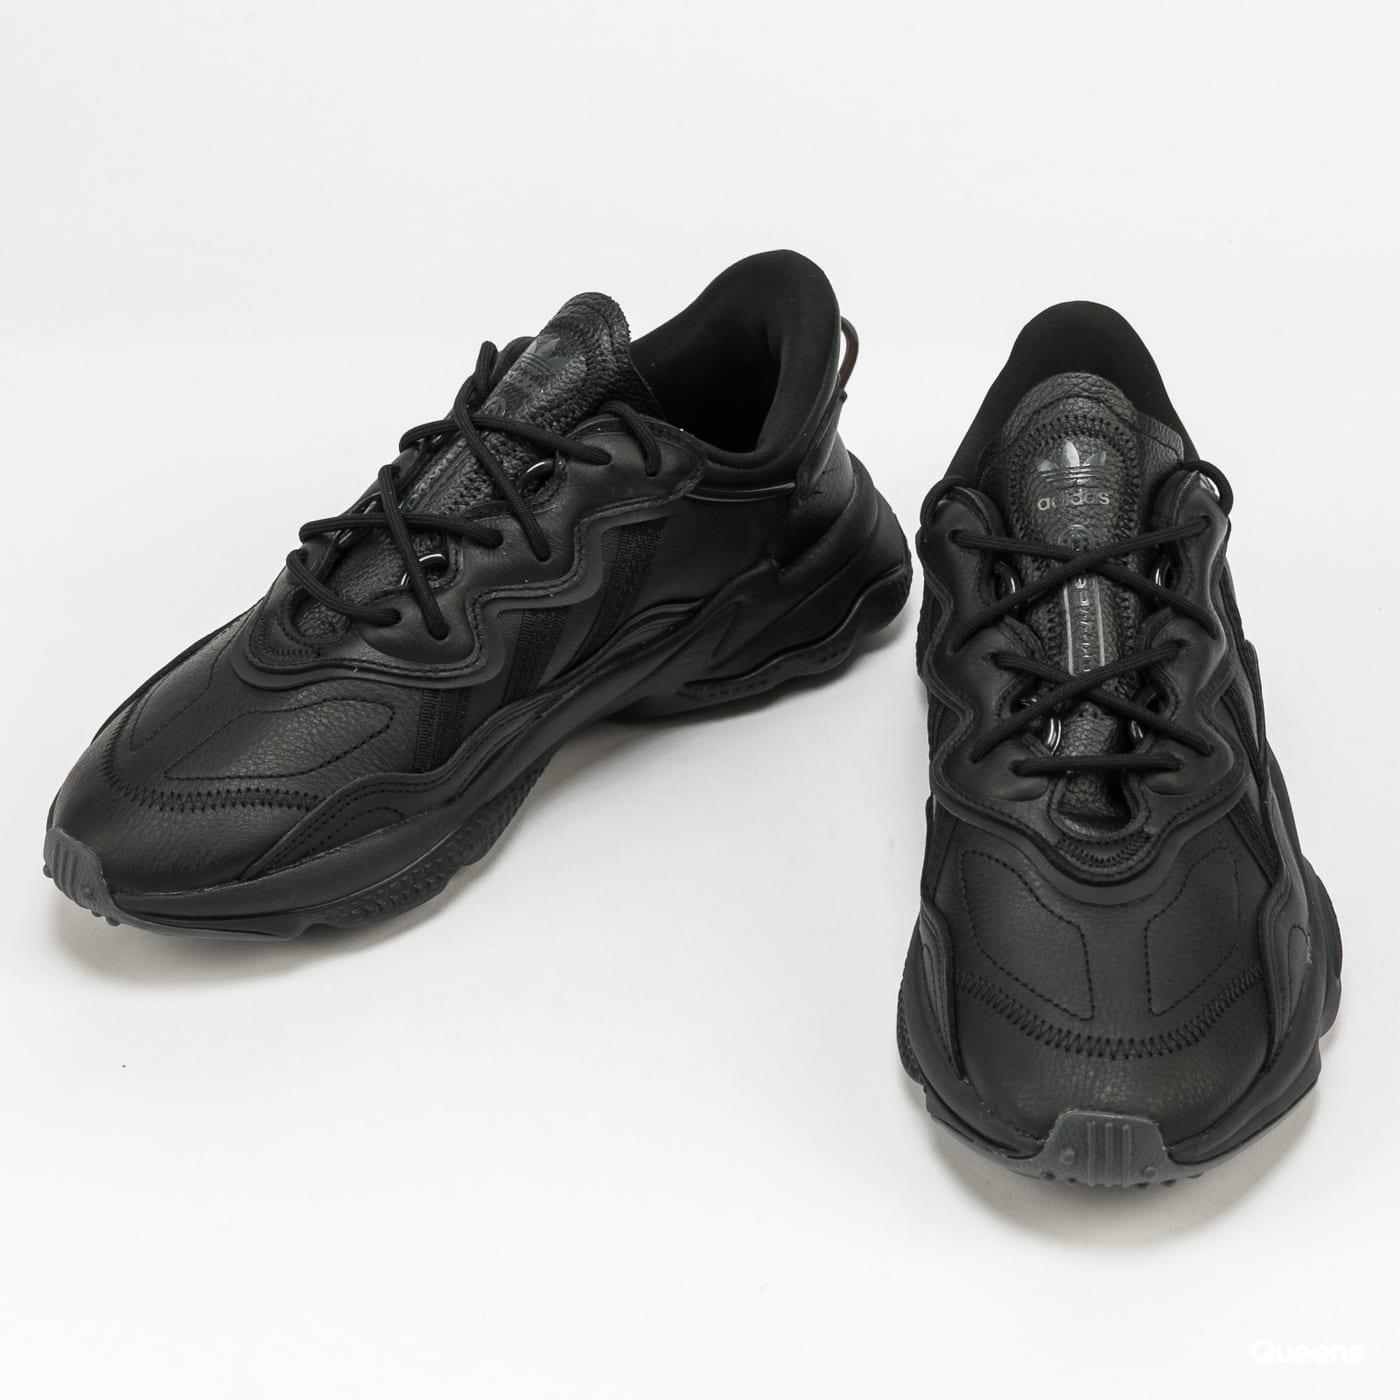 adidas Originals Ozweego cblack / dgsogr / cblack